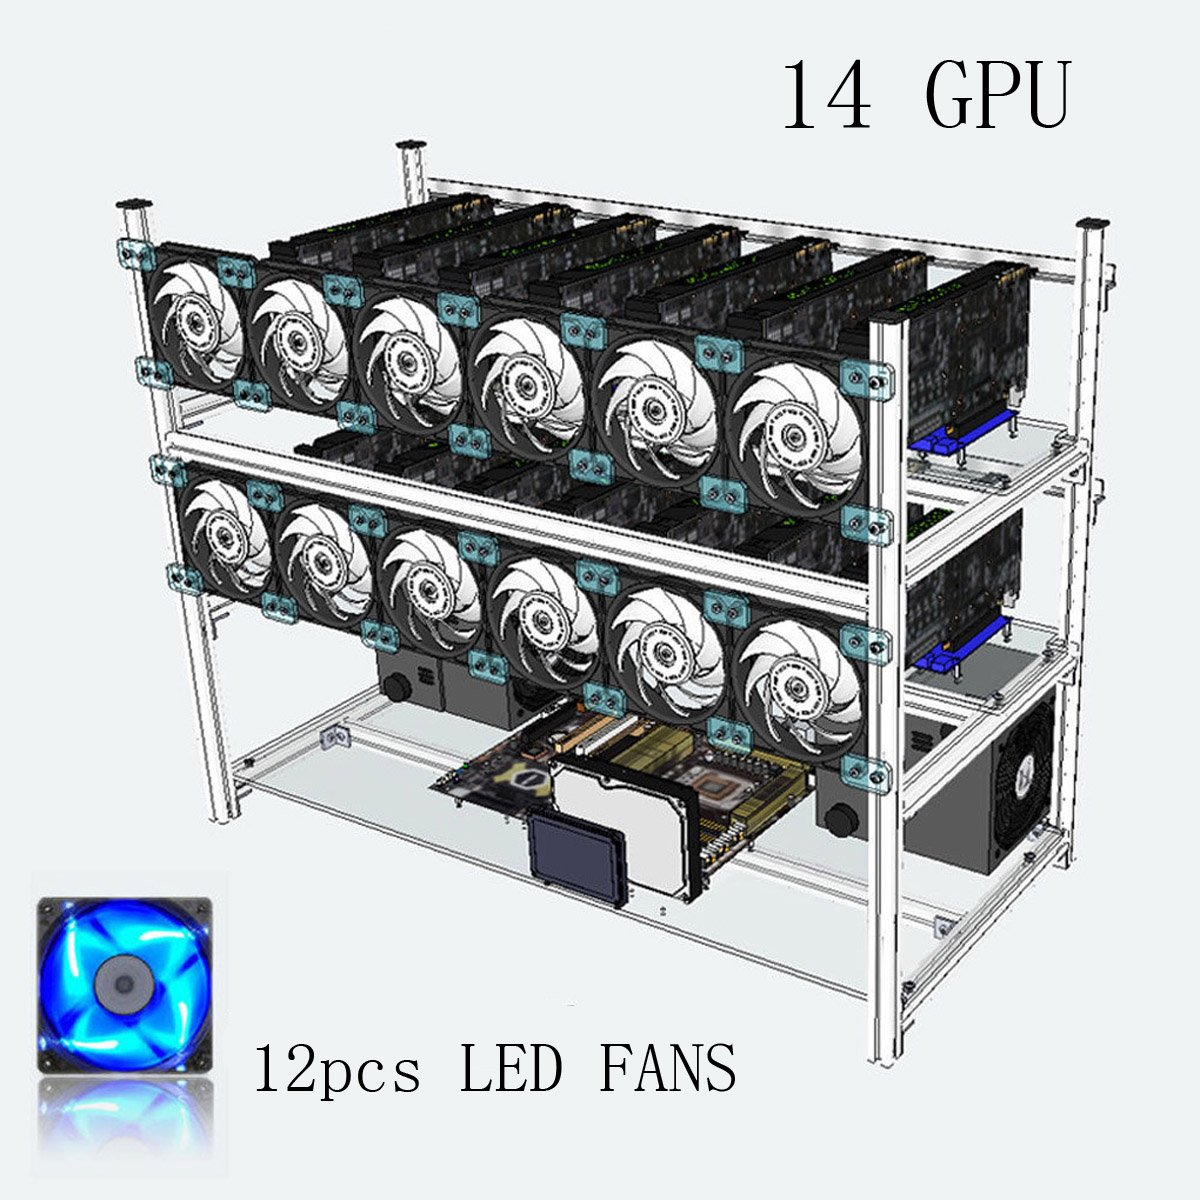 14/GPU casos de menor con 12/LED ventiladores marco apilable de aluminio de casos de plataforma abierta operativo Mini/ère para Eth//etc//zcash ethereum//Monero//BTC y altcoins dise/ño convecci/ón de aire Excellente negro Negro